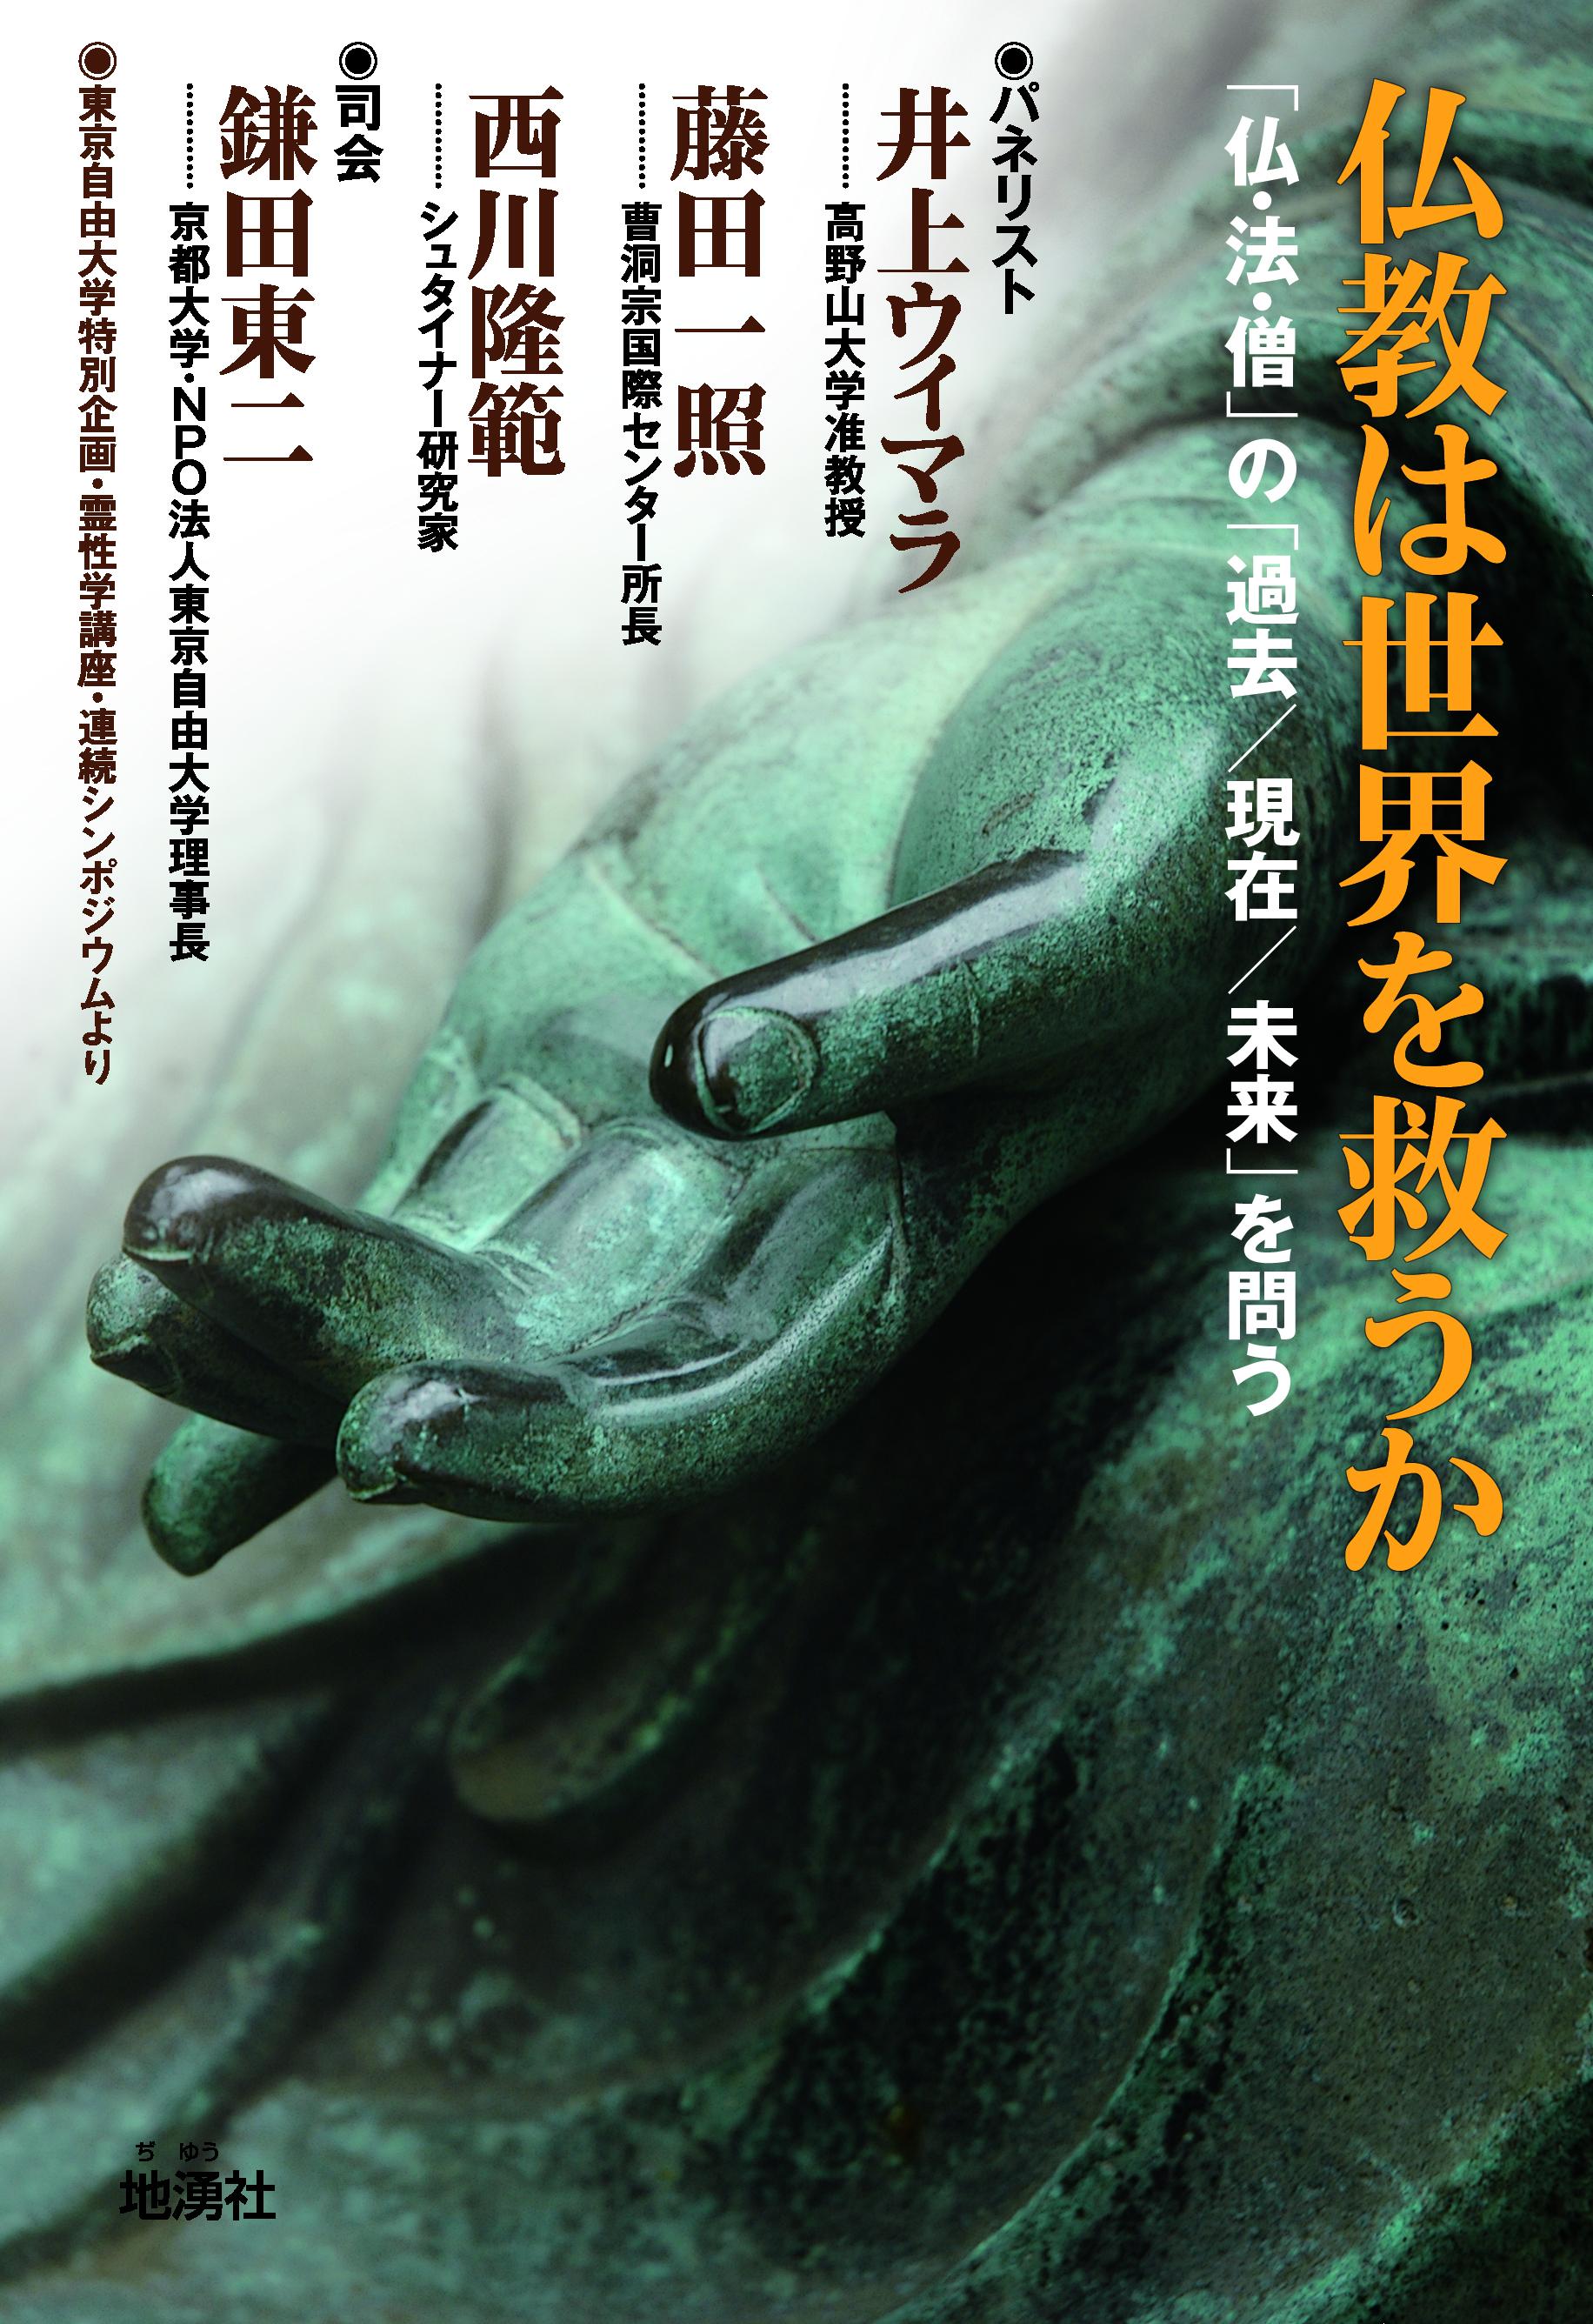 """鎌田教授の共著書『仏教は世界を救うか―""""仏・法・僧""""の過去/現在/未来を問う』が出版されました"""